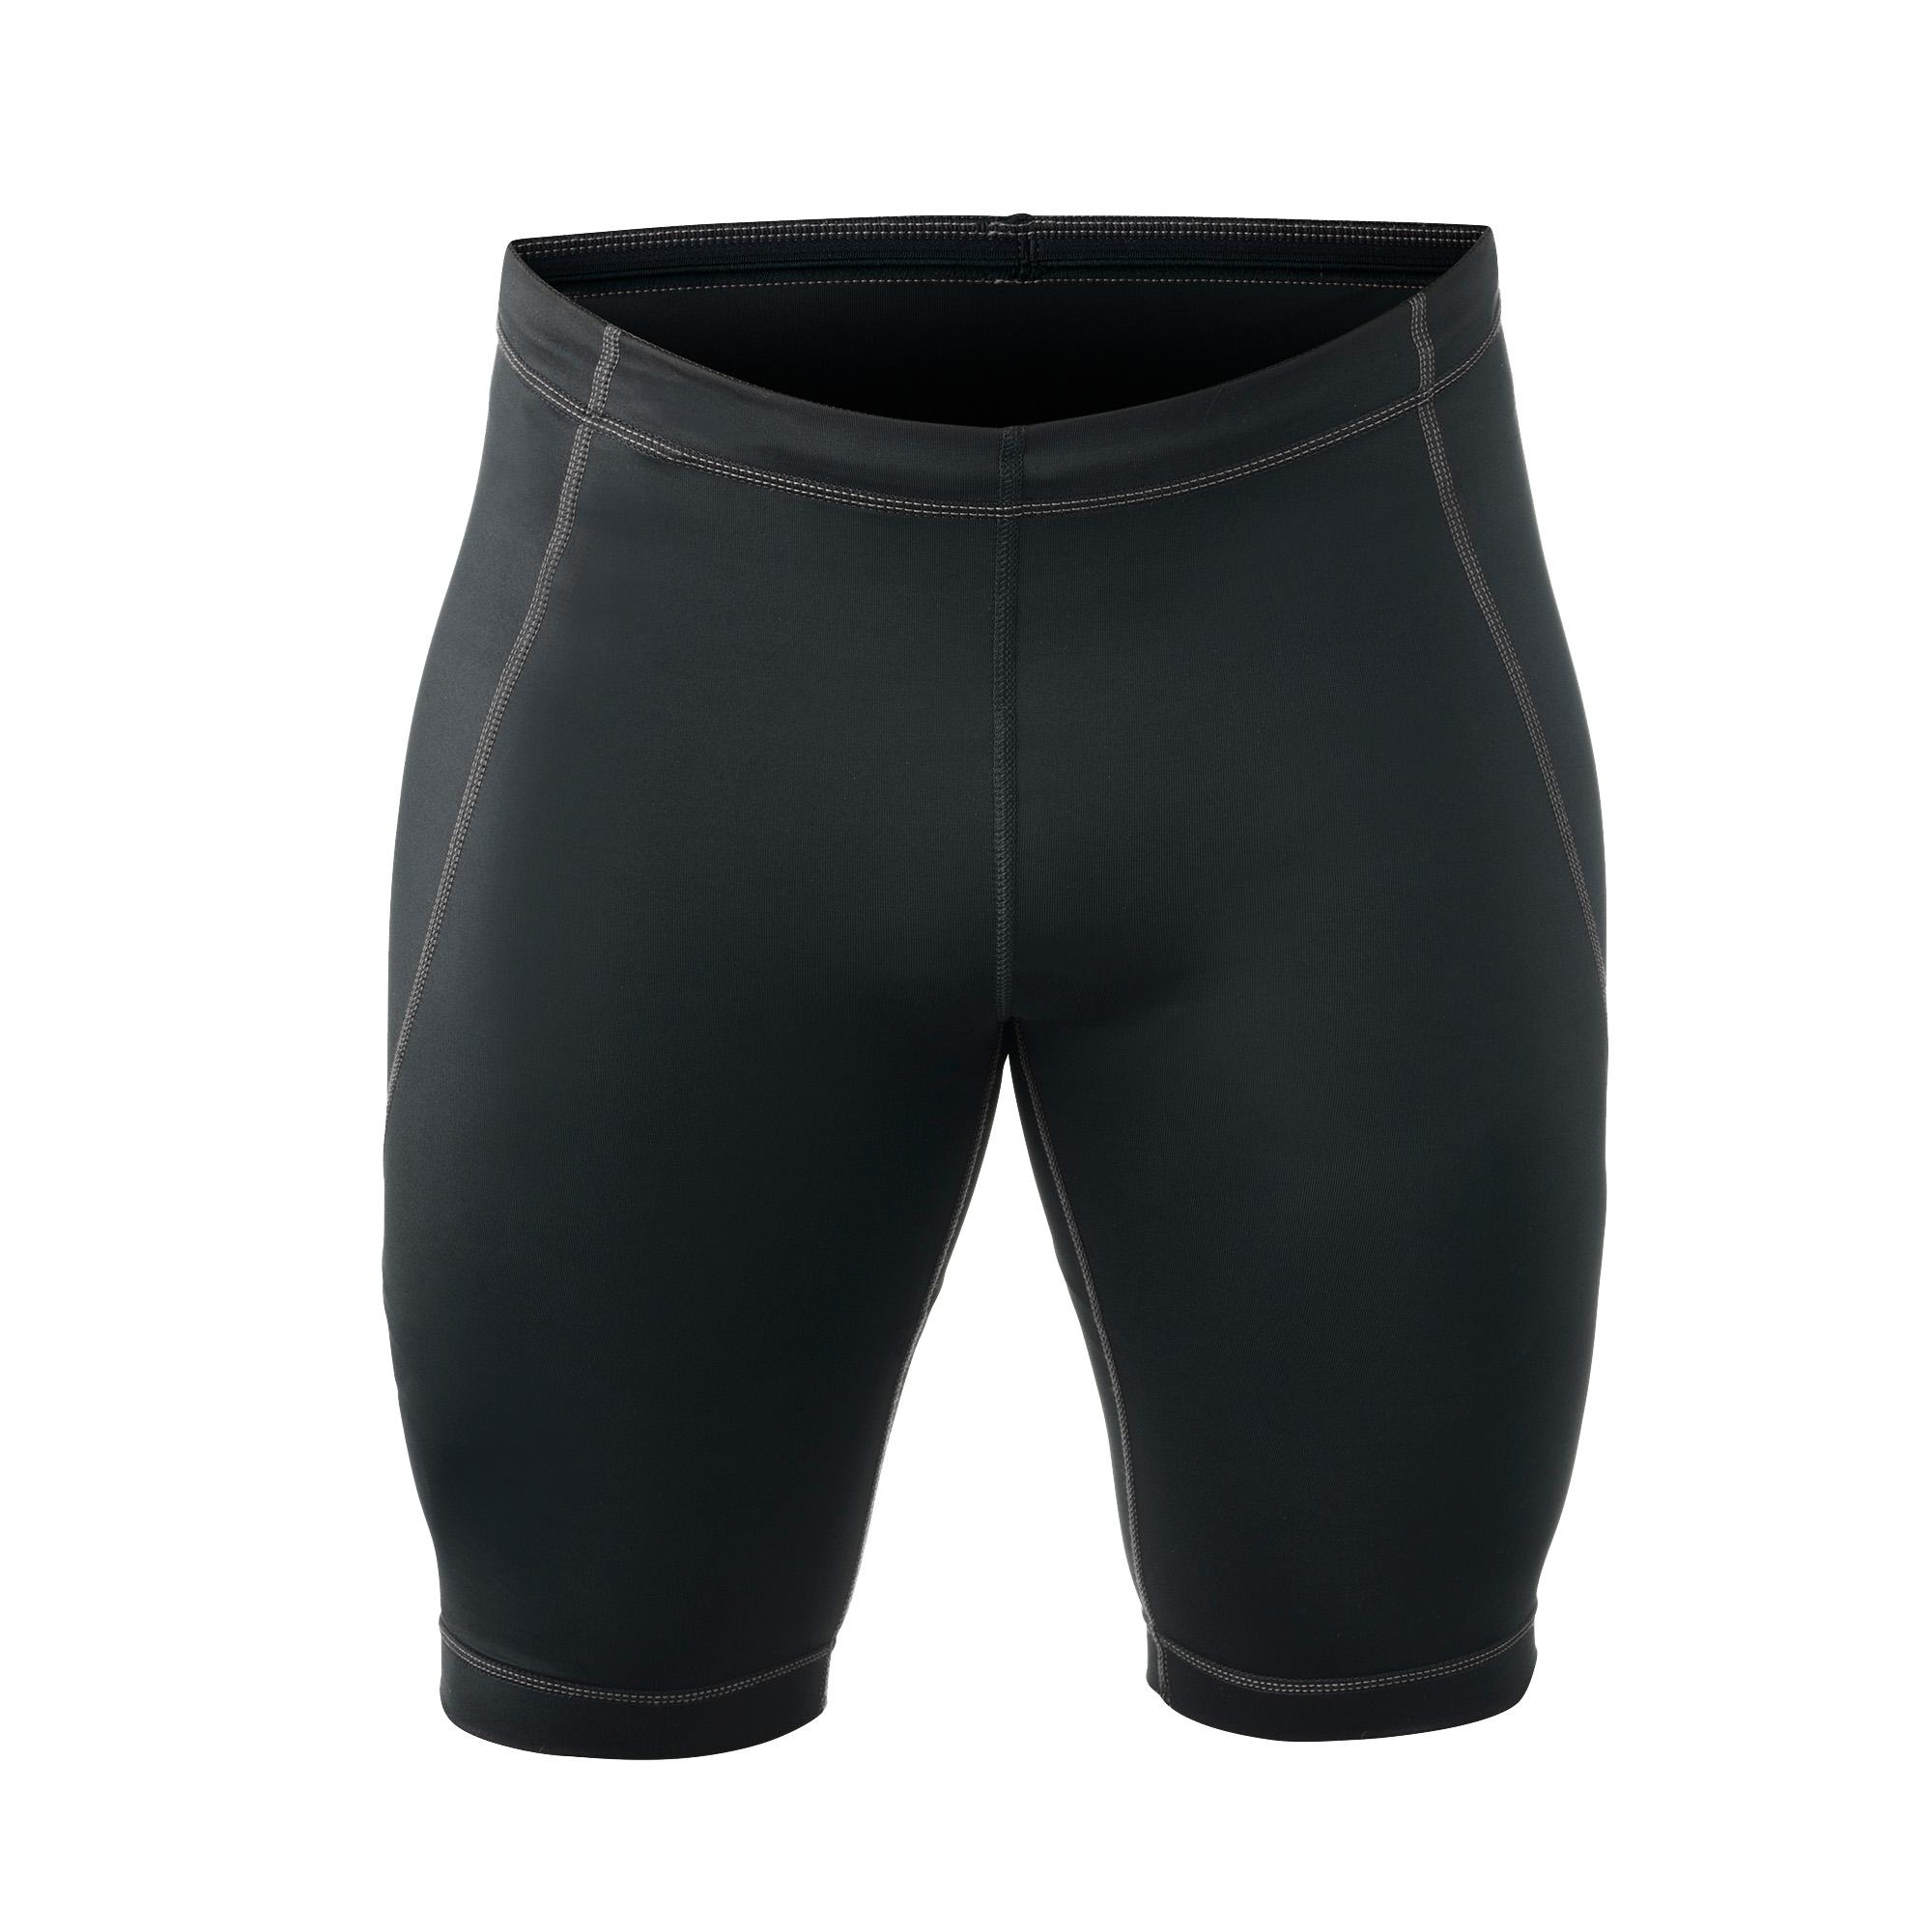 Rehband QD Compressie Shorts - Heren - Zwart - L